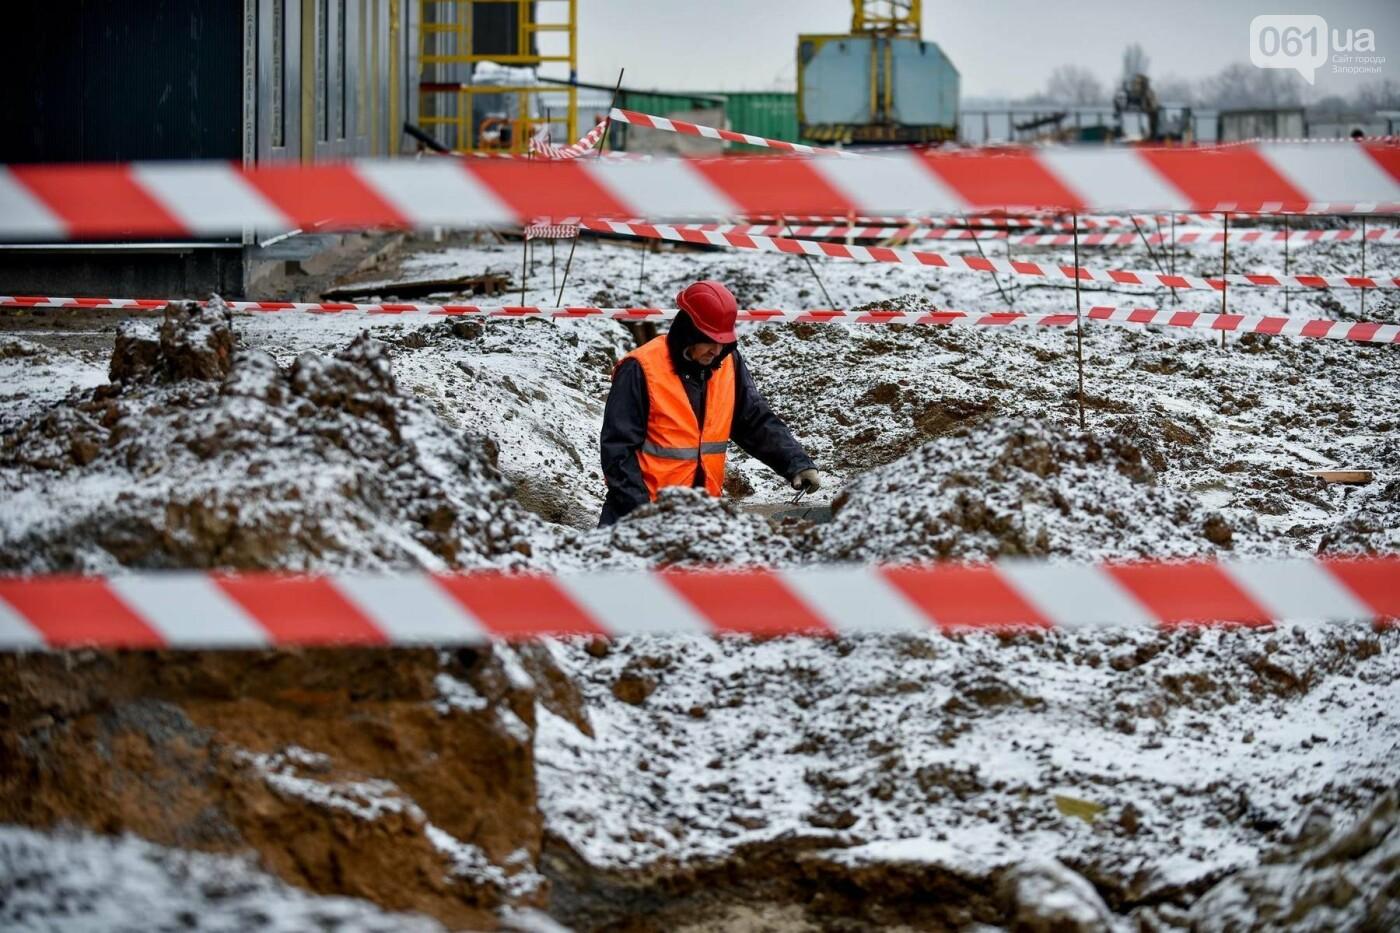 Запорожский аэропорт возьмет кредит на строительство терминала и прогнозирует увеличение пассажиропотока до одного миллиона, — ФОТОРЕПОРТАЖ, фото-18